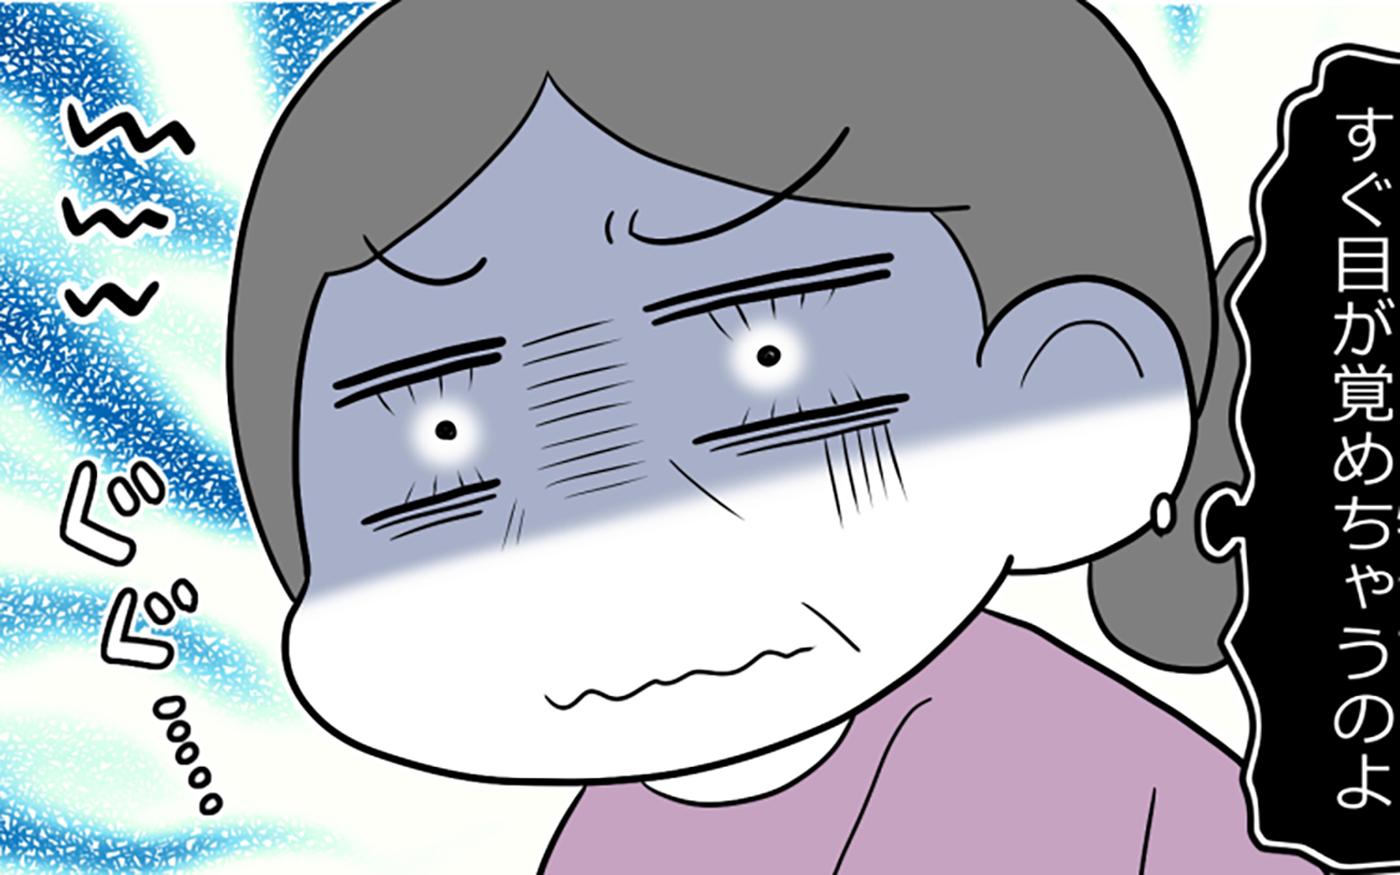 赤ちゃんの夜泣きでご近所トラブルに!「夜泣き怪人ナイトクライシャラップ編ー2」